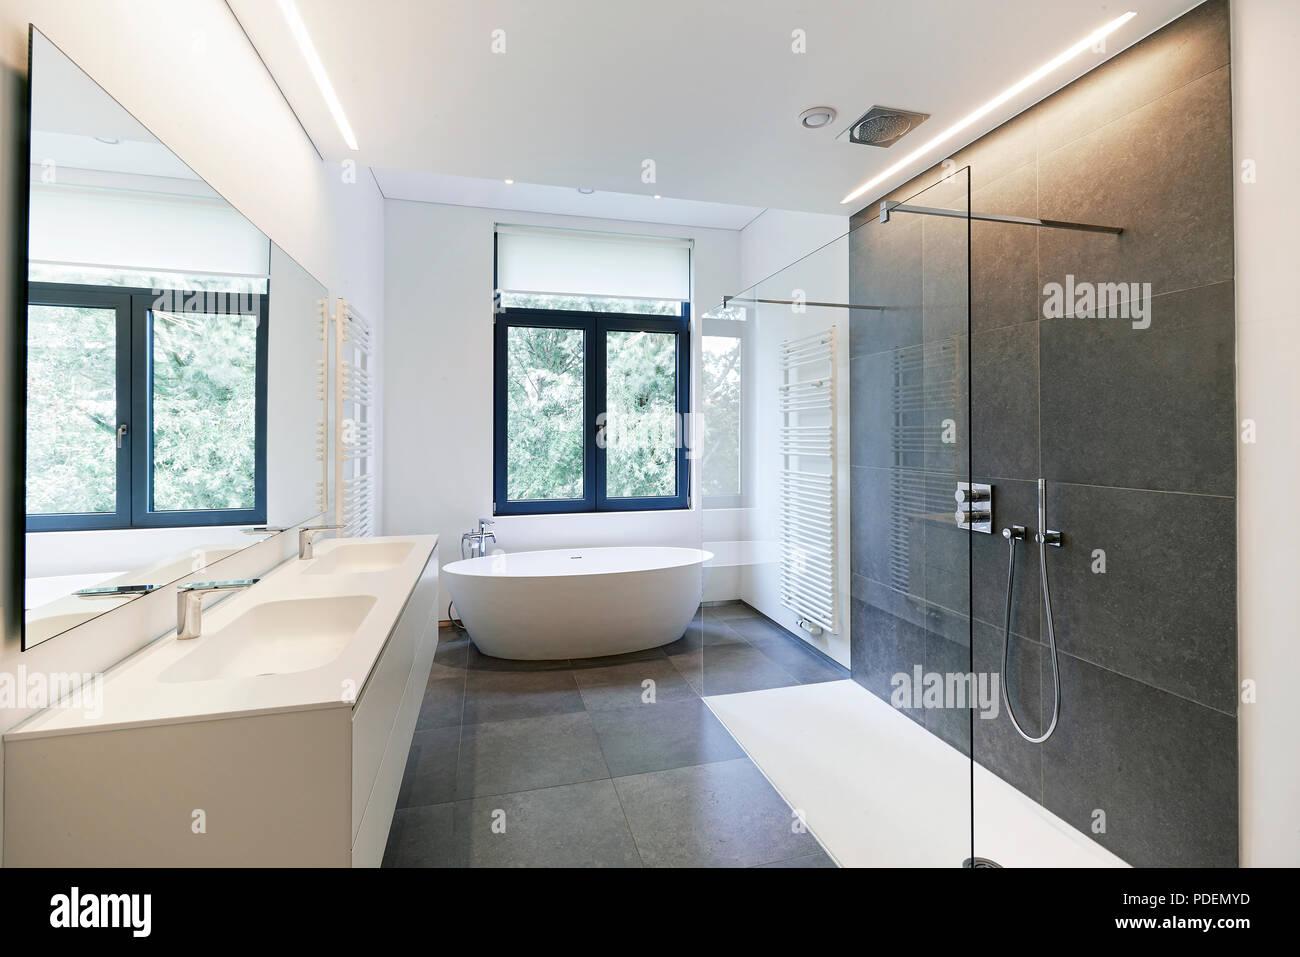 Vasca da bagno in corian rubinetto e doccia in bagno piastrellato